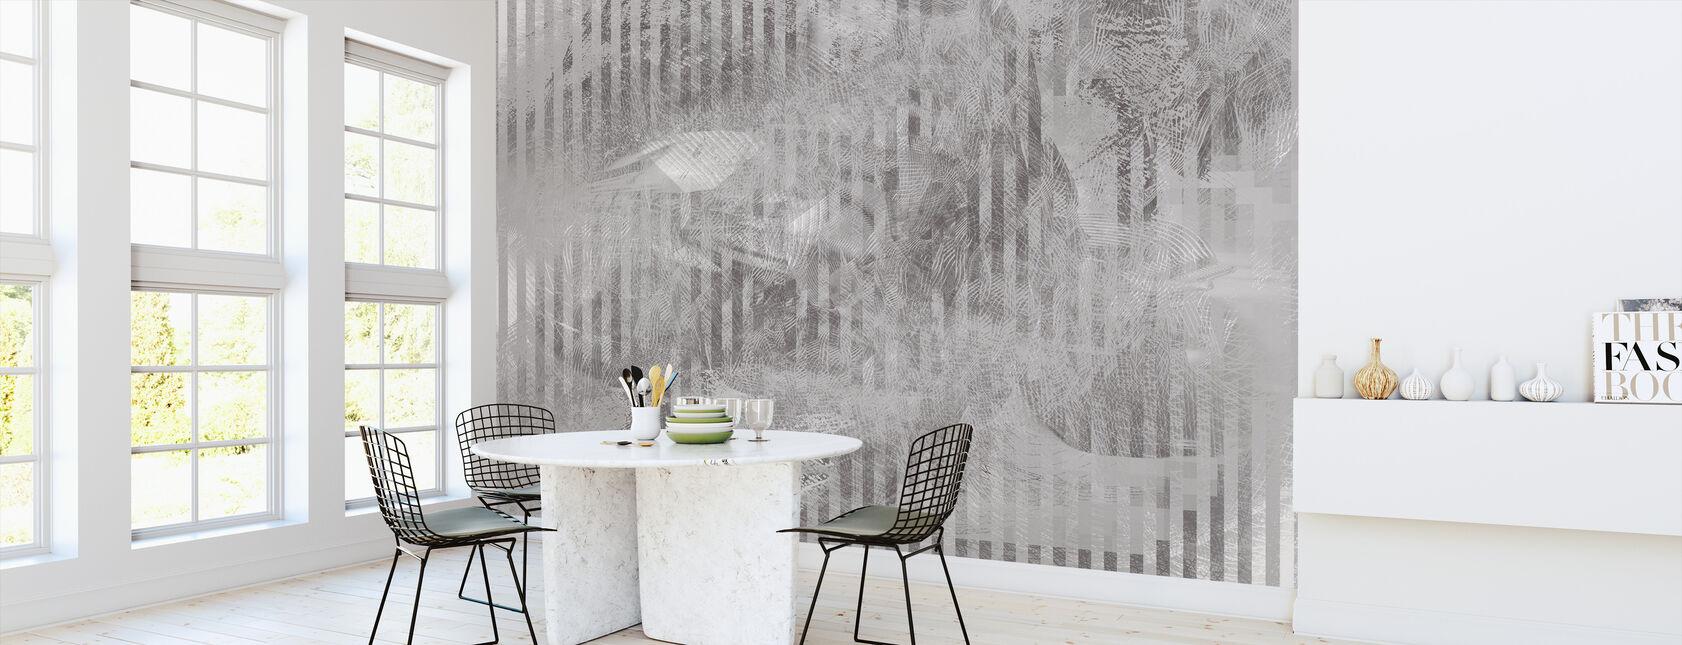 Specular Reflection - Graphite - Wallpaper - Kitchen